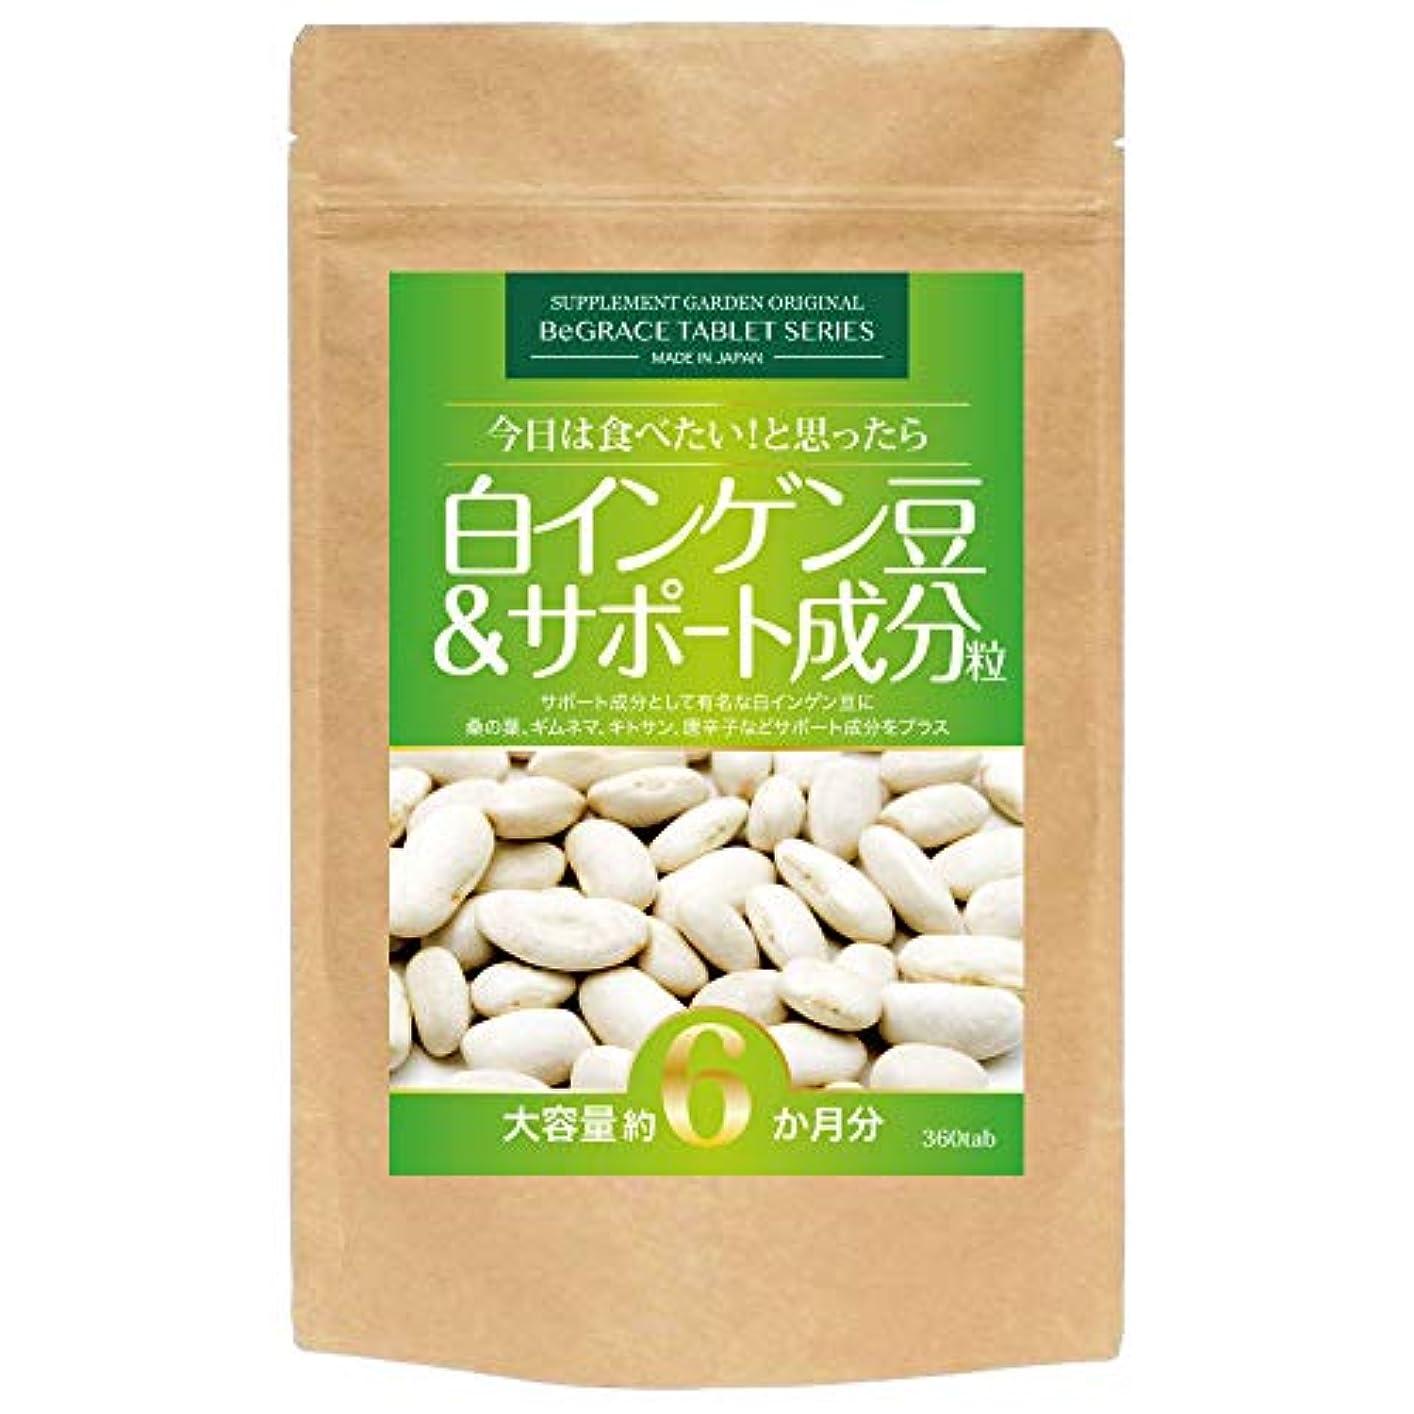 感染する社交的別れる白インゲン豆&サポート成分粒 大容量約6ヶ月分/360粒(白インゲン豆?桑の葉?ギムネマ?キトサン?唐辛子)